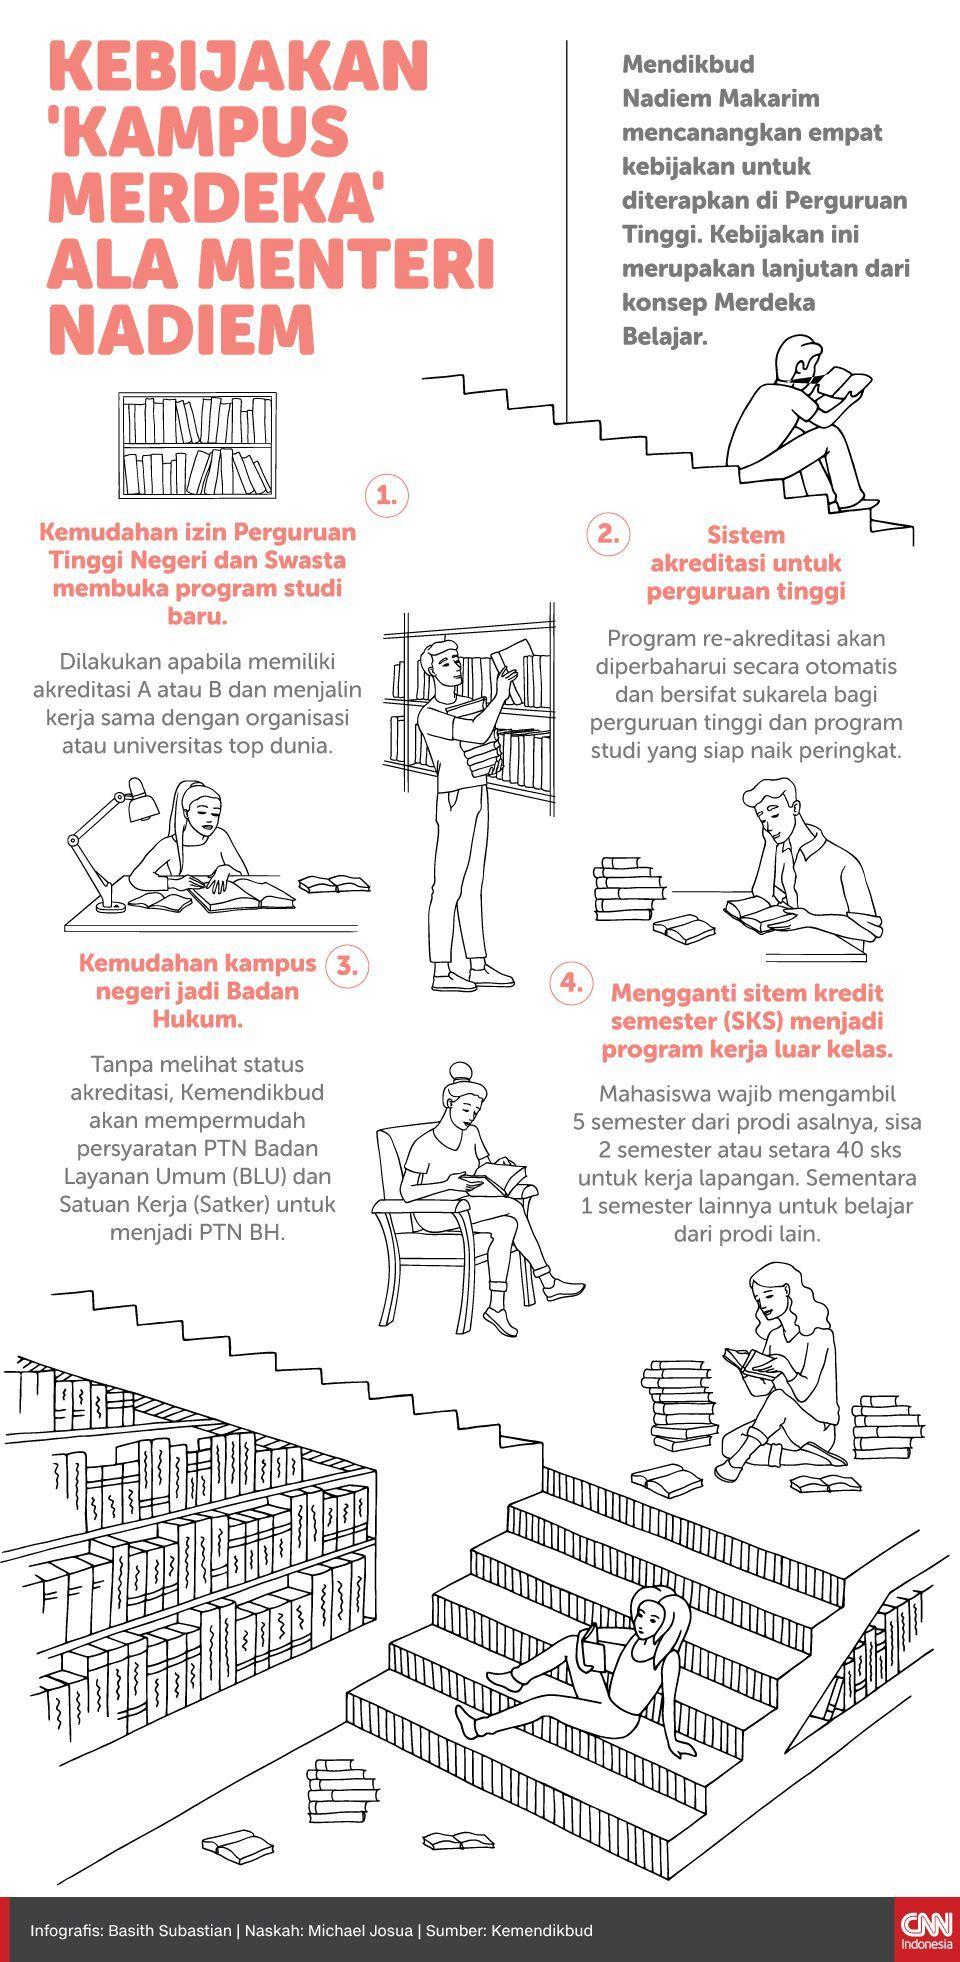 Infografis Kebijakan 'Kampus Merdeka' ala Menteri Nadiem